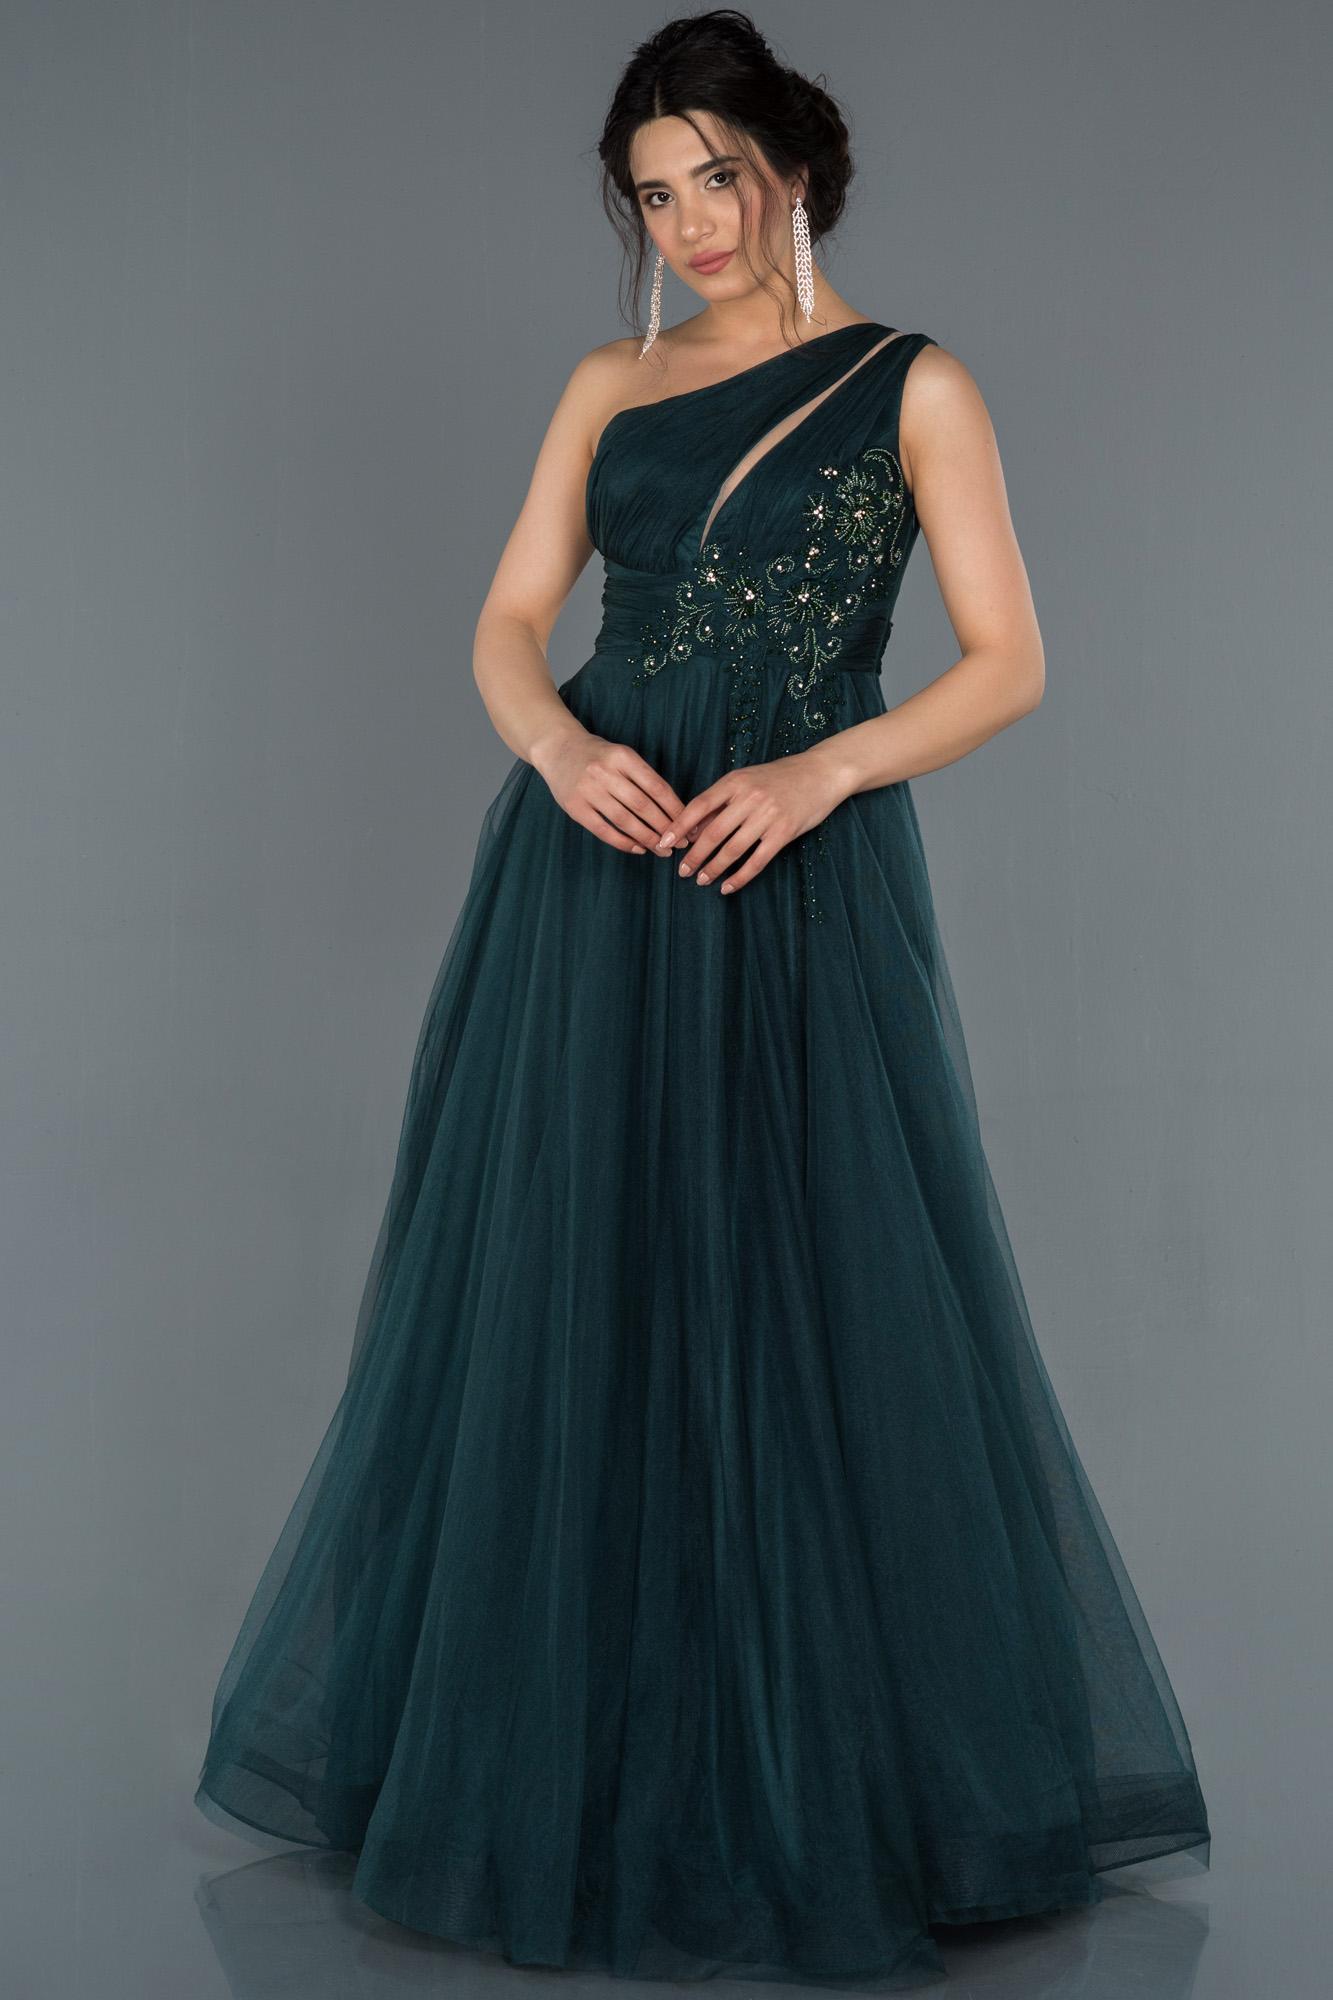 Zümrüt Yeşili Taş Işlemeli Prenses Abiye Elbise